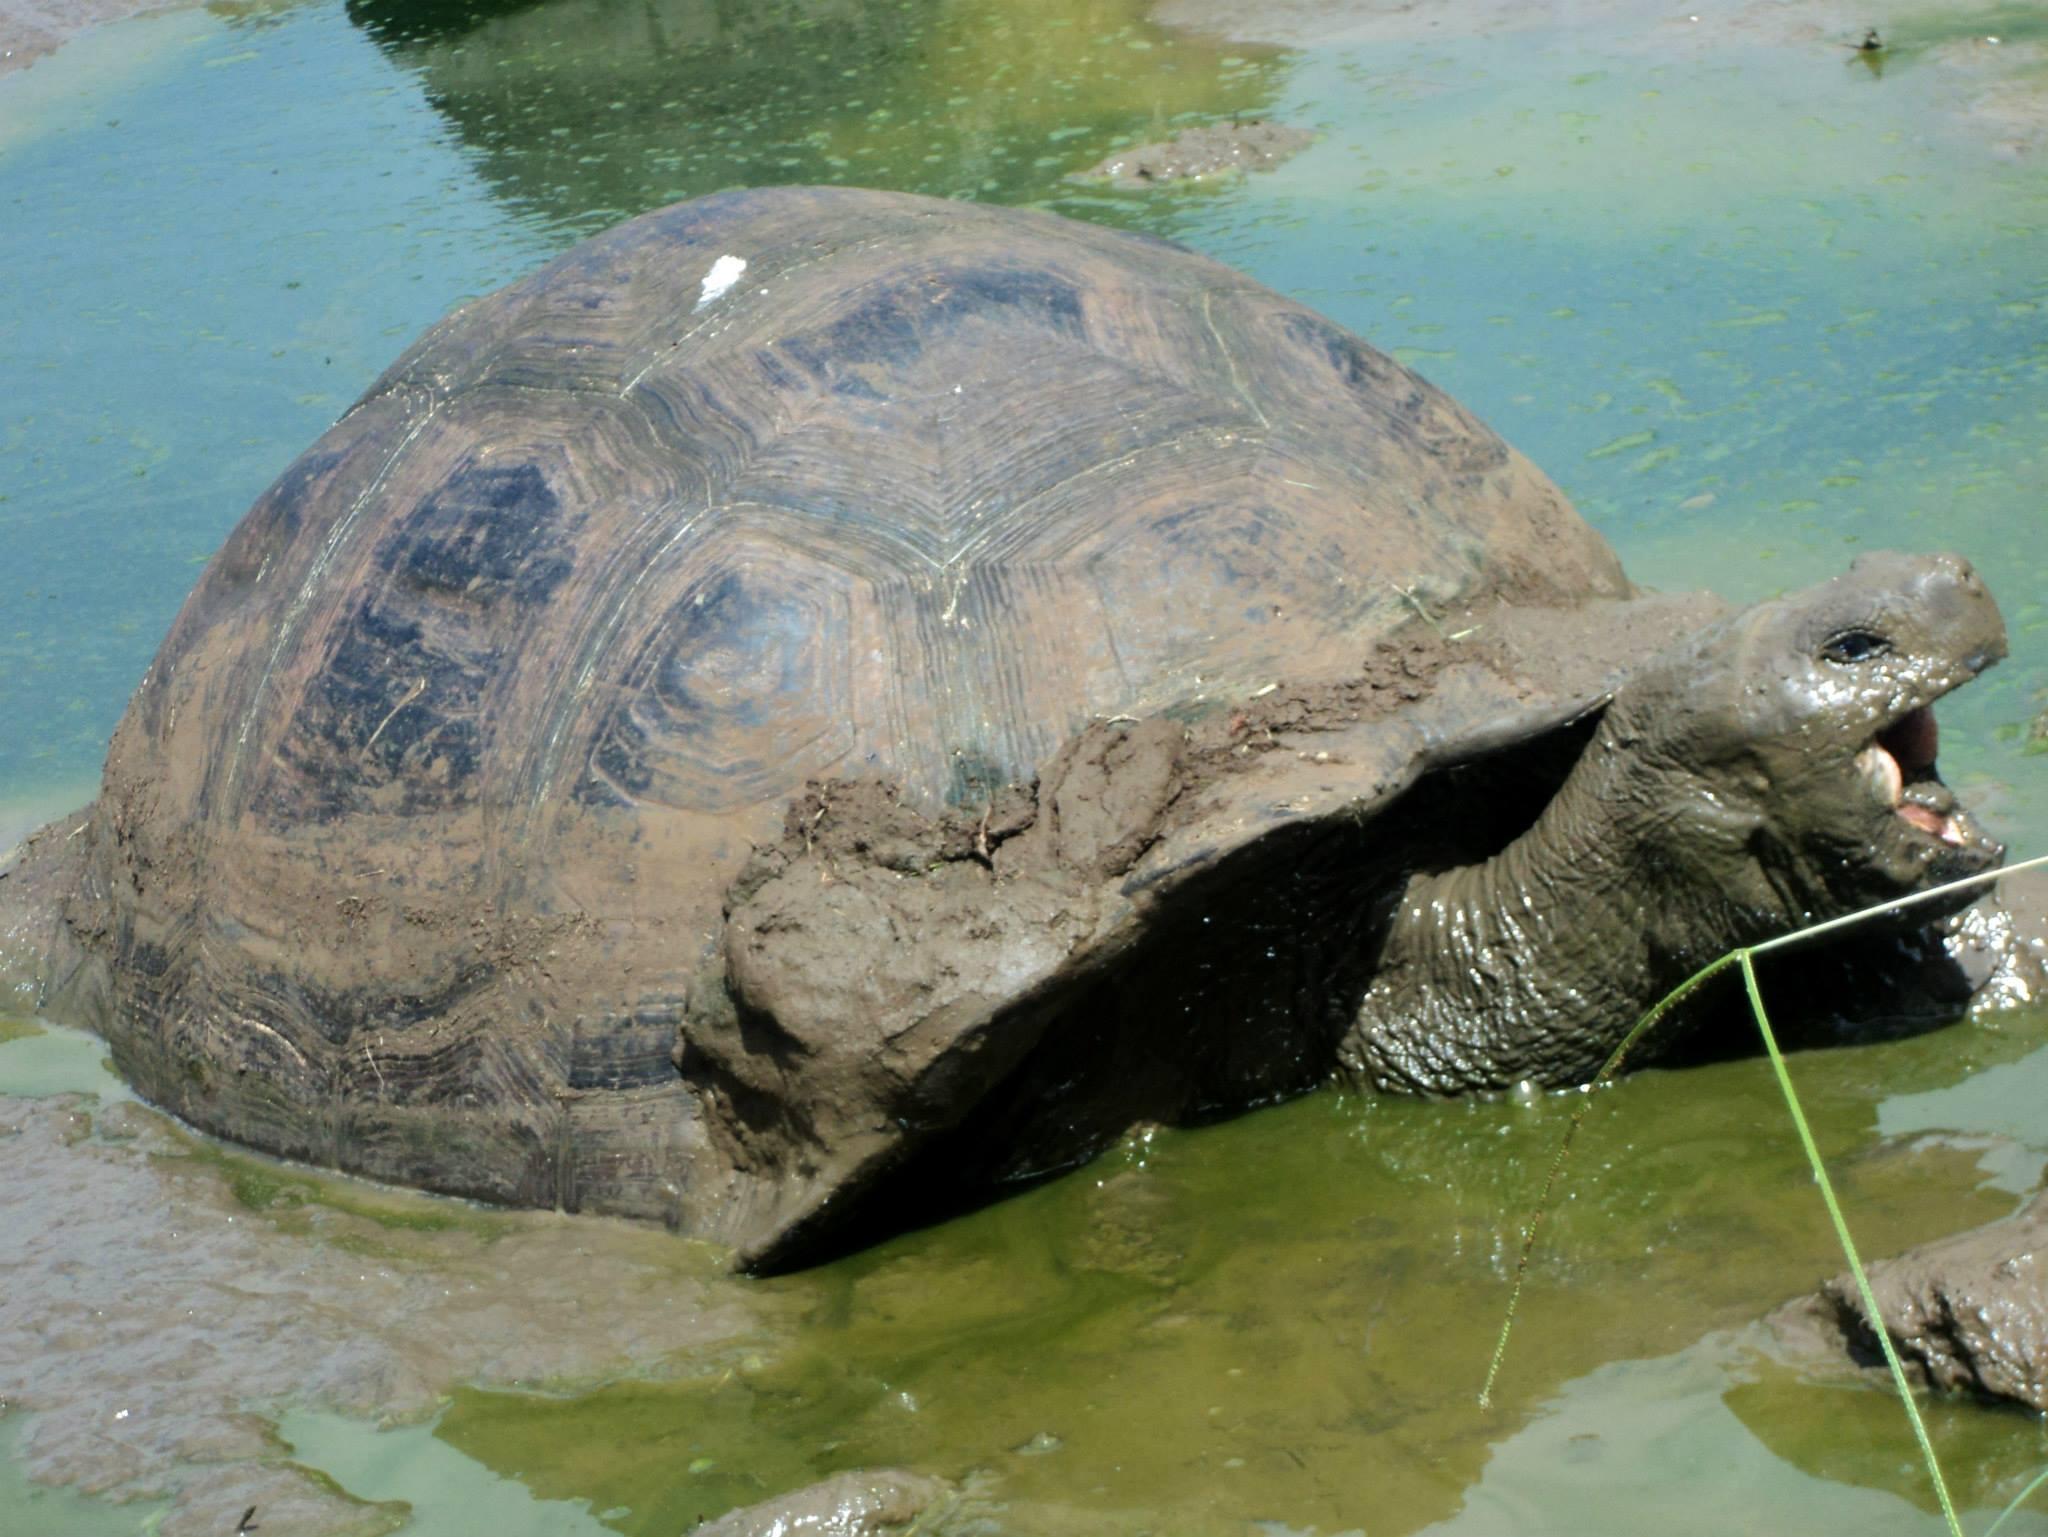 Conocer las tortugas gigantes es espectacular